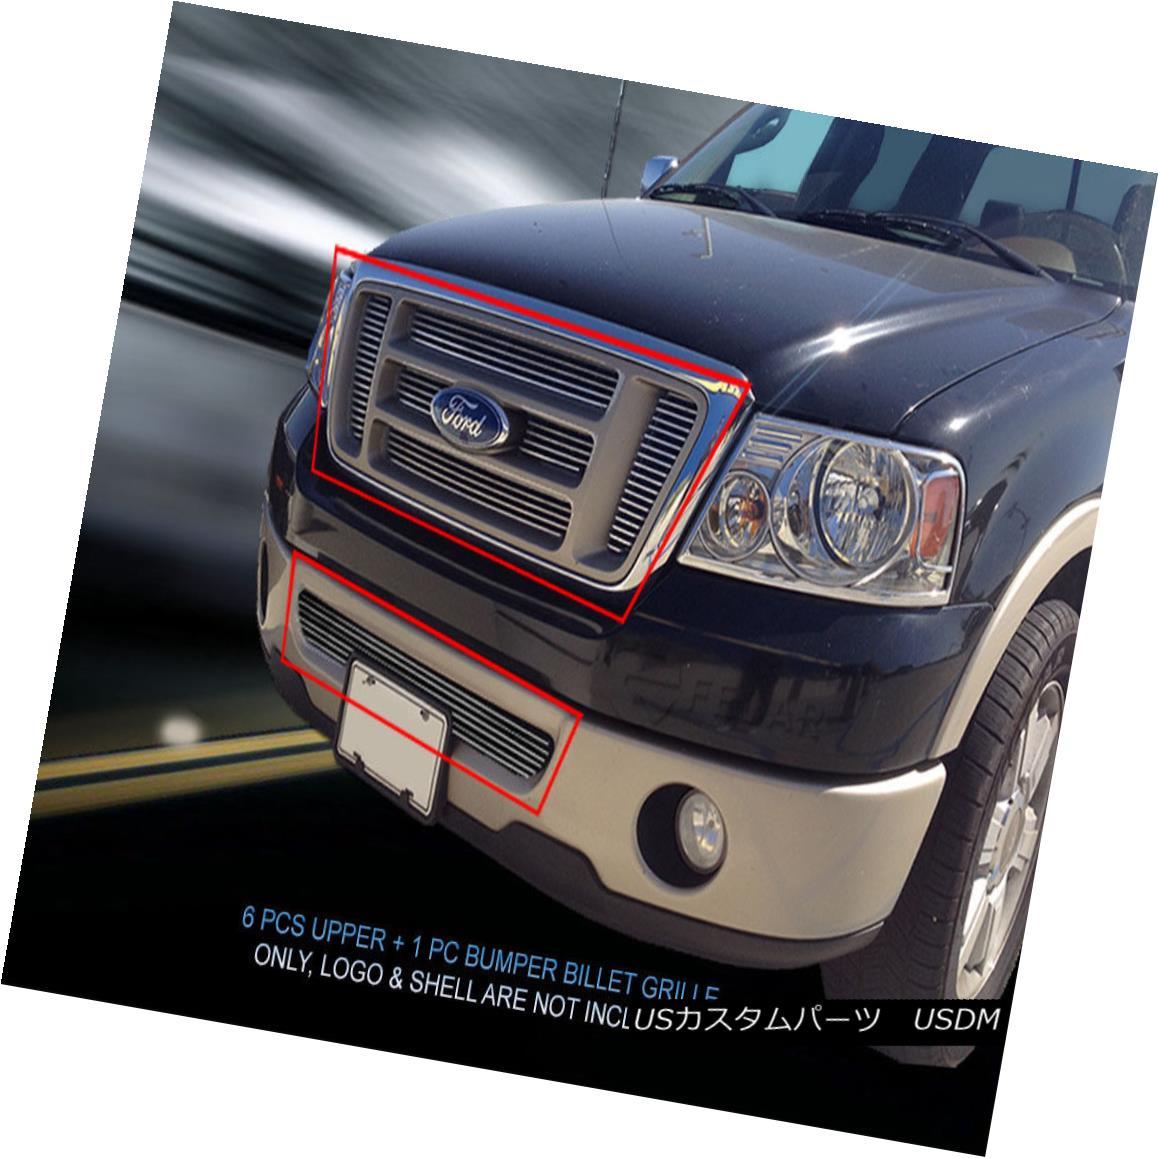 グリル Fedar For 04-05 Ford F-150 F150 Polished Billet Grille Grill 7PCs Insert Combo Feder For 04-05 Ford F-150 F150ポリッシュビレットグリルグリル7PCsインサートコンボ